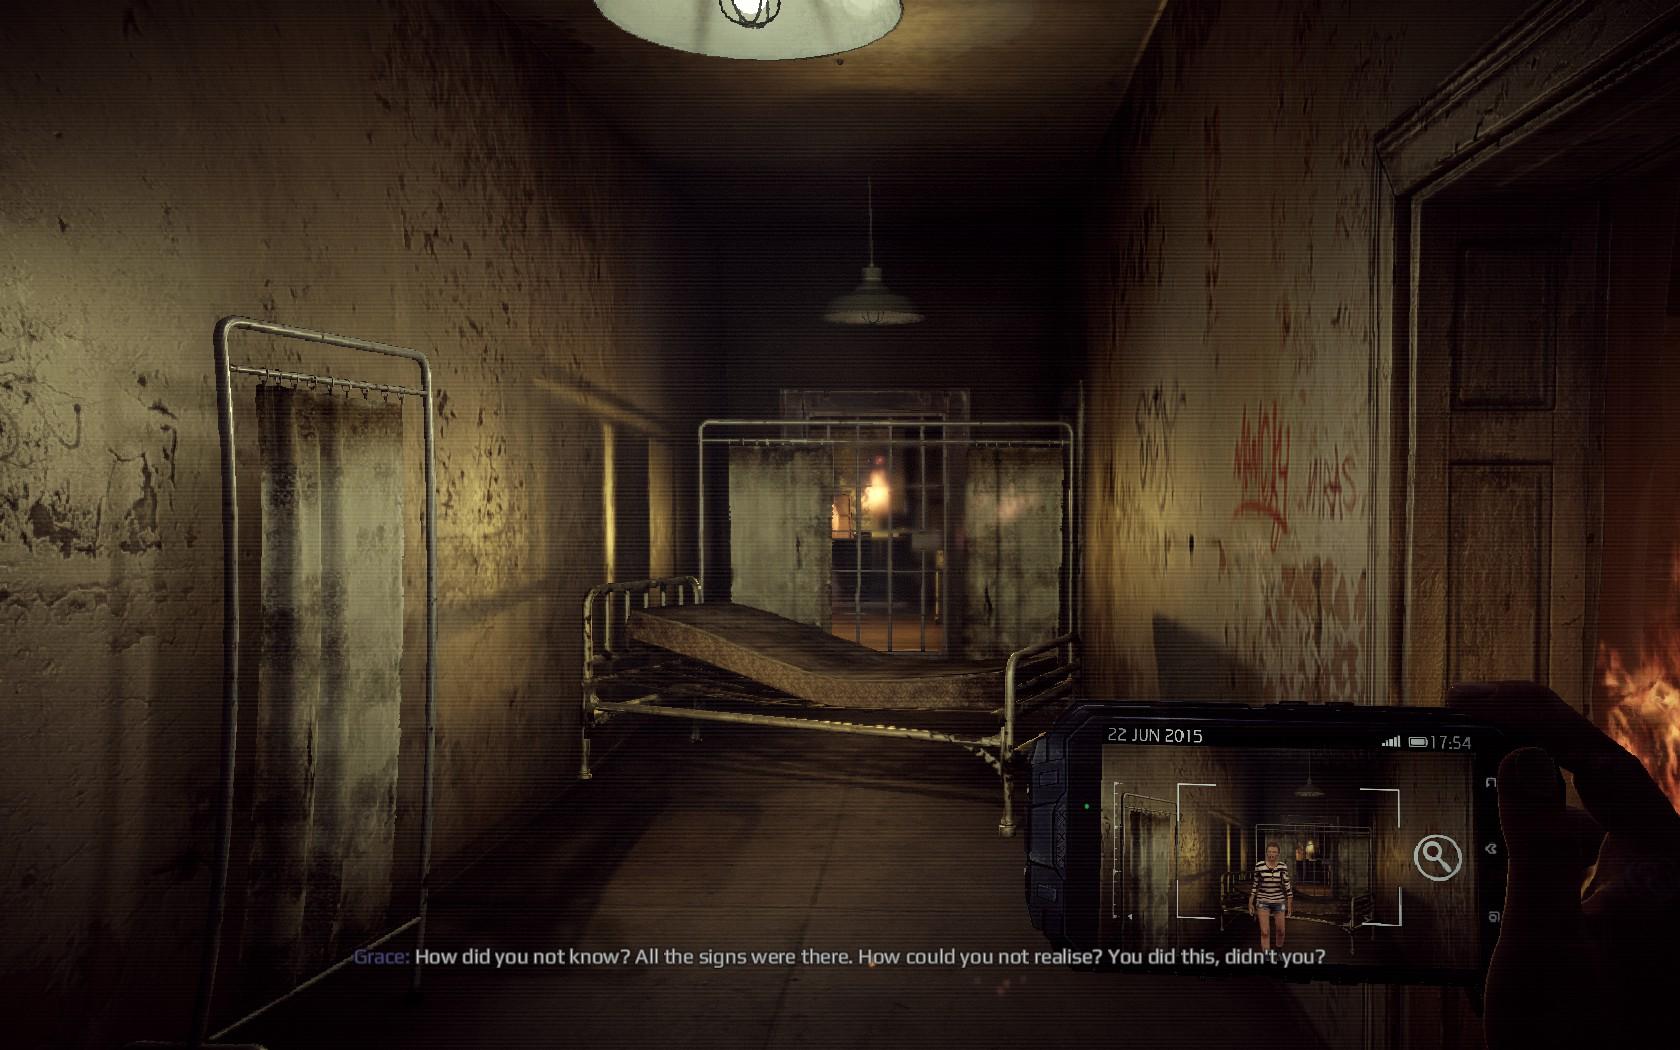 Děsivé přeludy uvnitř sanatoria